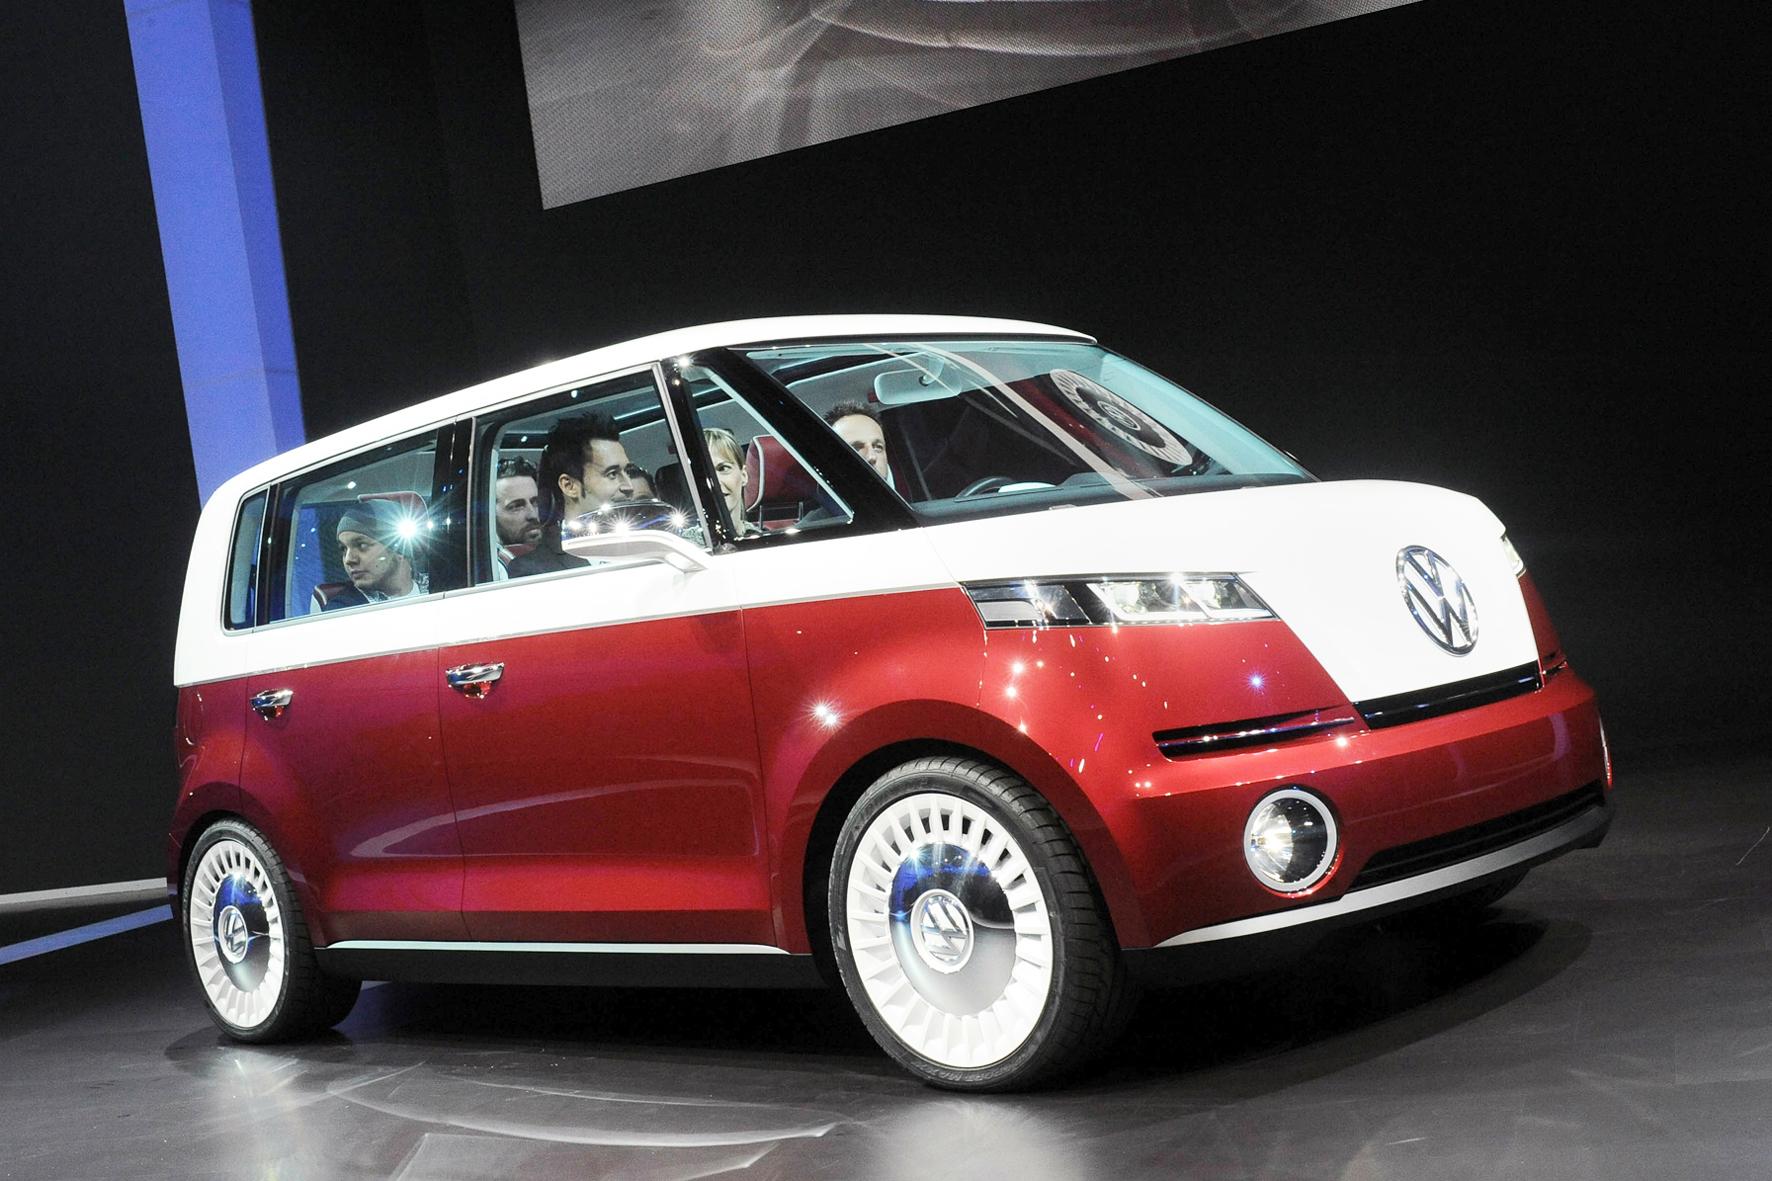 volkswagen will den vw bulli als elektroauto auf den markt bringen mein elektroauto. Black Bedroom Furniture Sets. Home Design Ideas